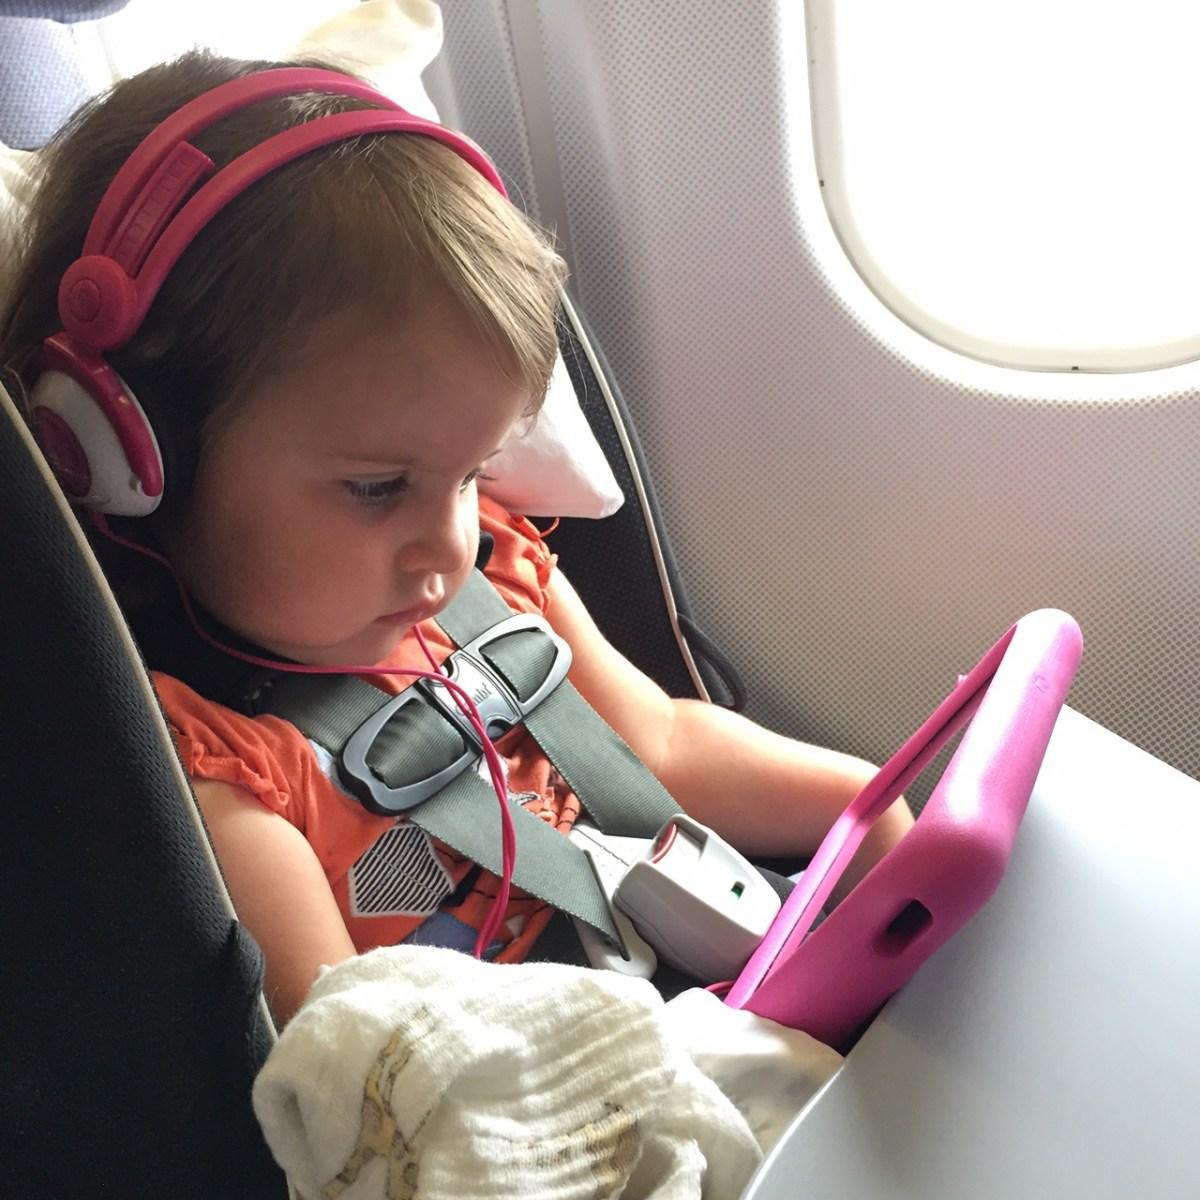 Оставлять ребенка в машине девочка с планшетом